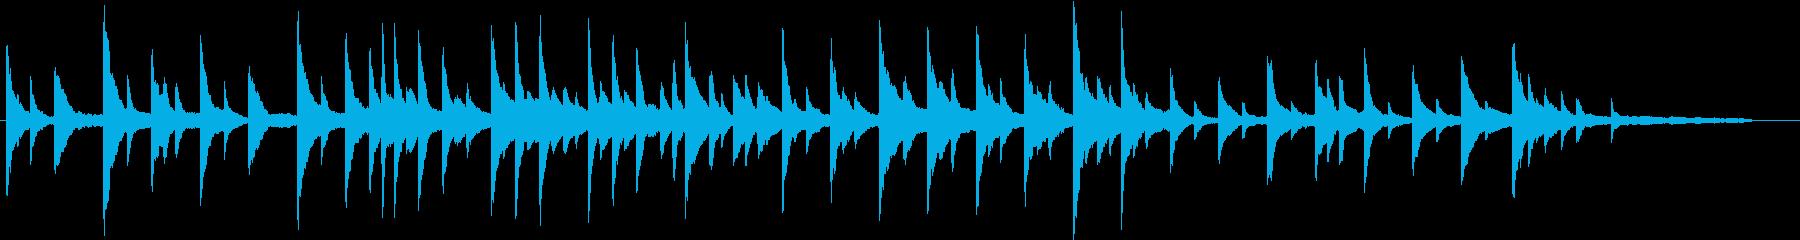 儚げなピアノバラードの再生済みの波形